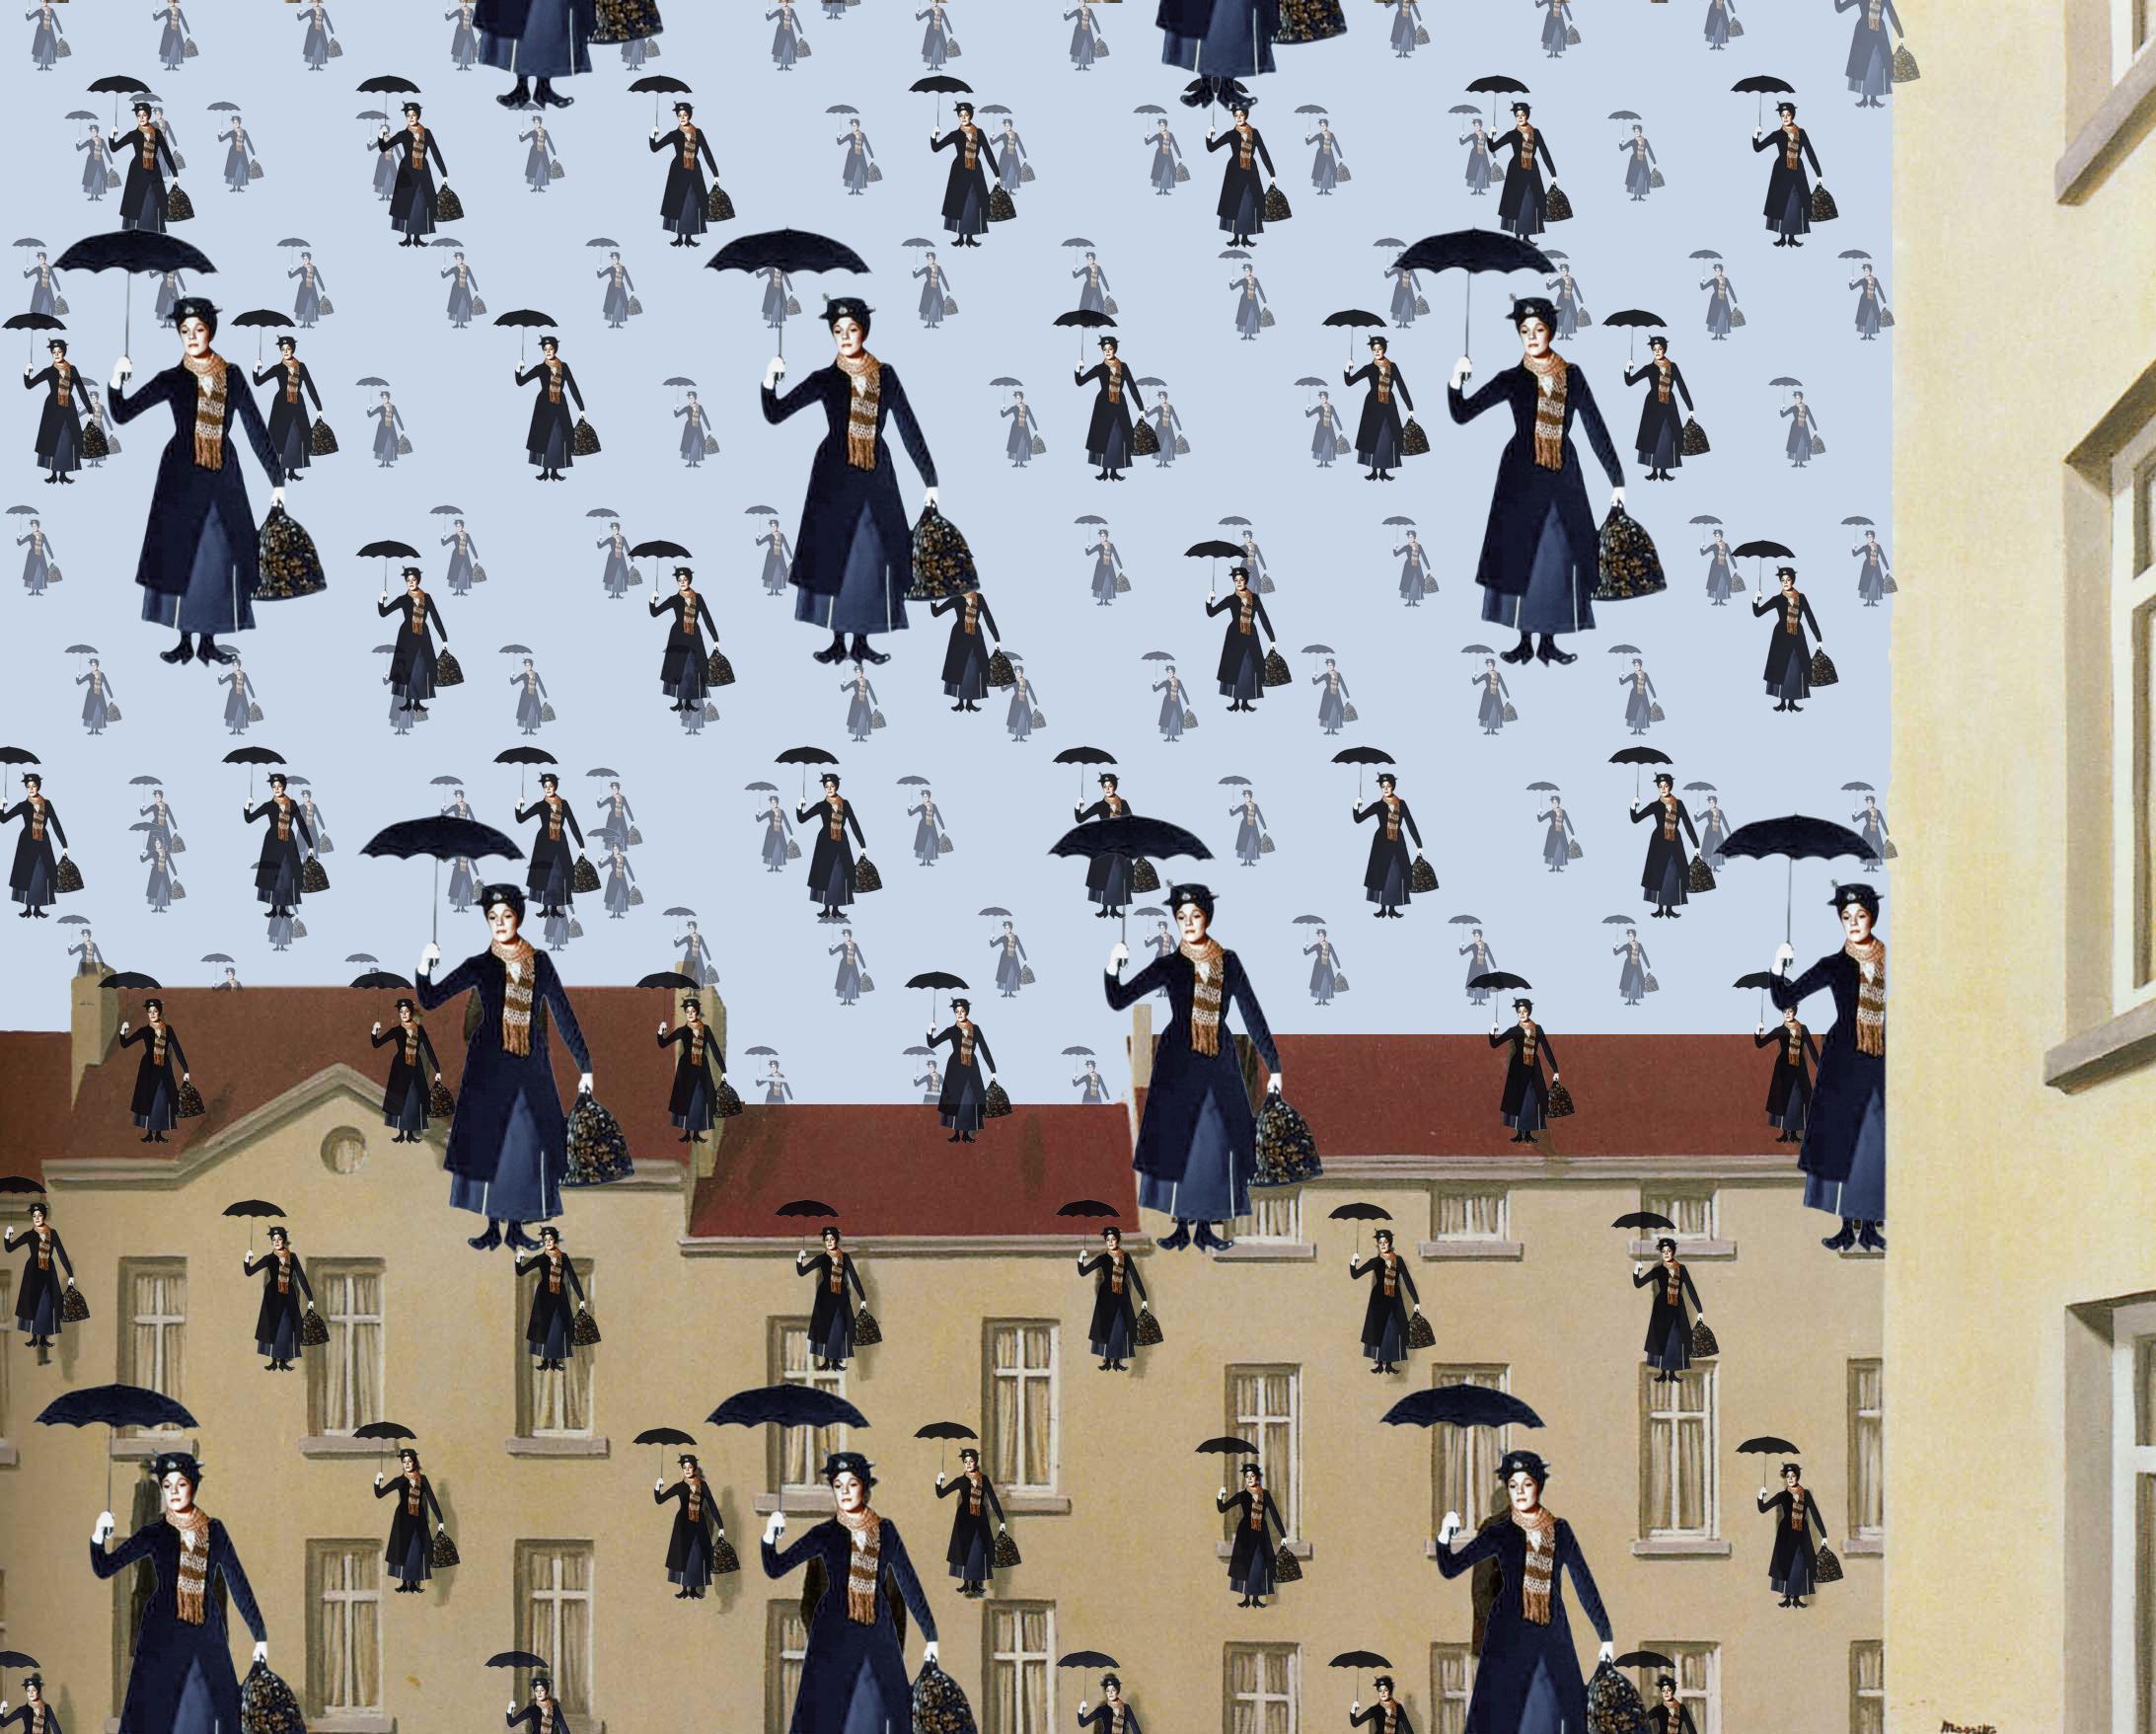 magritte-poppins.jpg